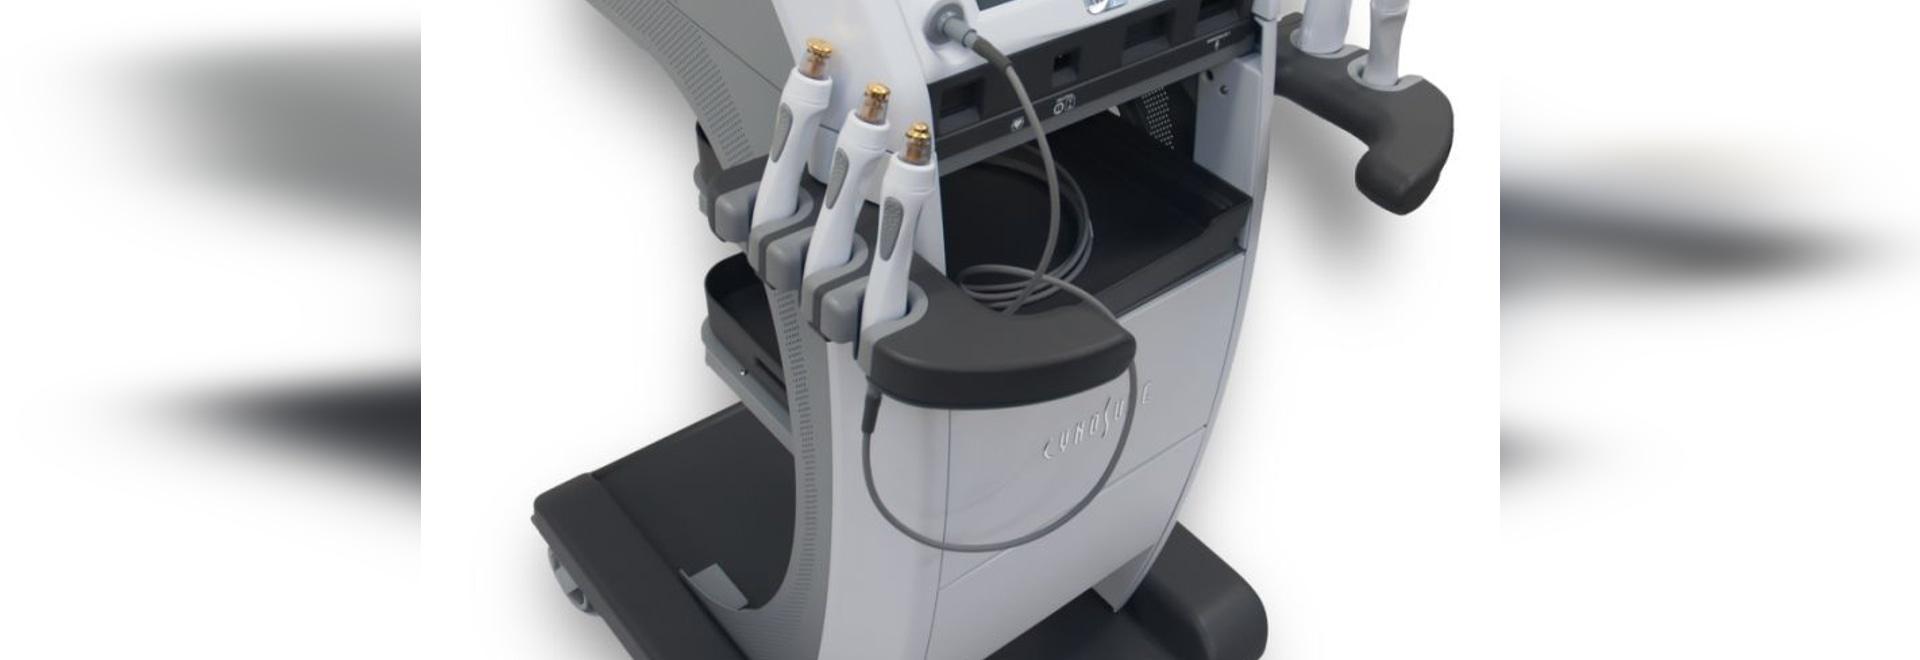 Plataforma de Cynosure TempSure RF ahora disponible para los procedimientos estéticos en la cirugía plástica, dermatología, ginecología